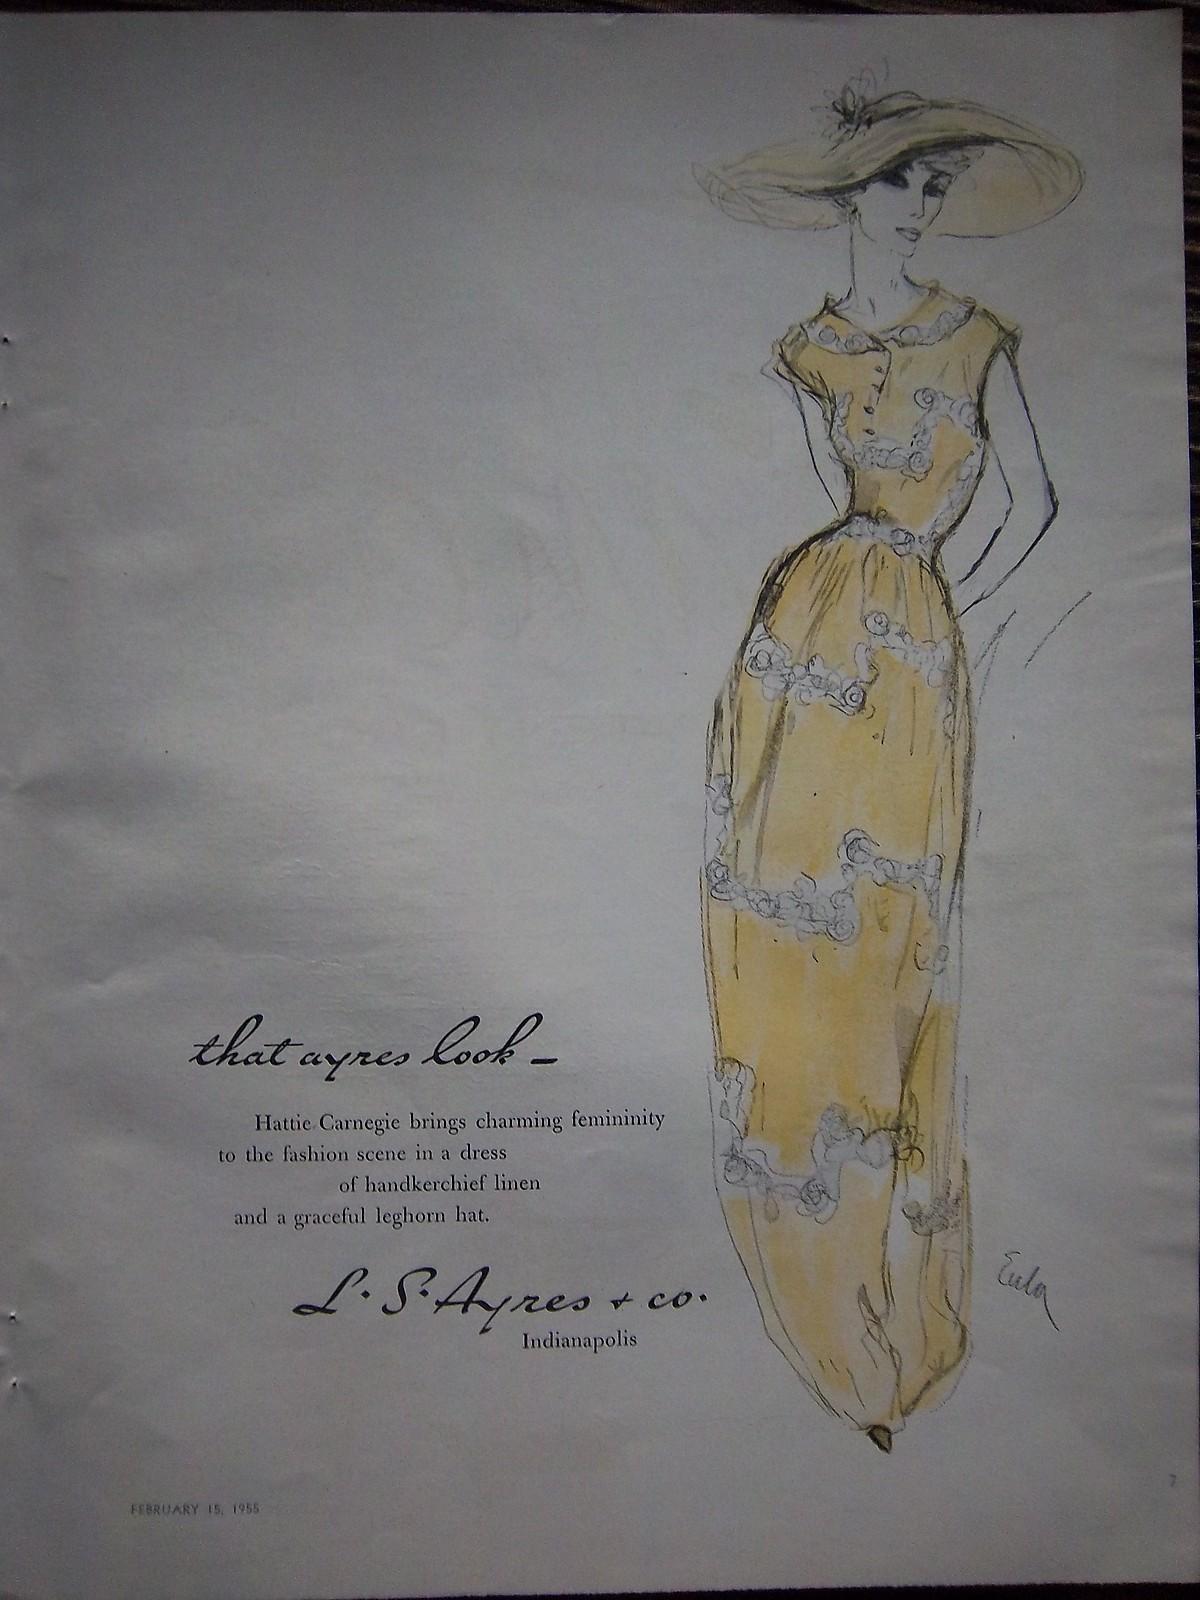 Ladies Lounge: That Ayres Look, 1955 Hattie Carnegie